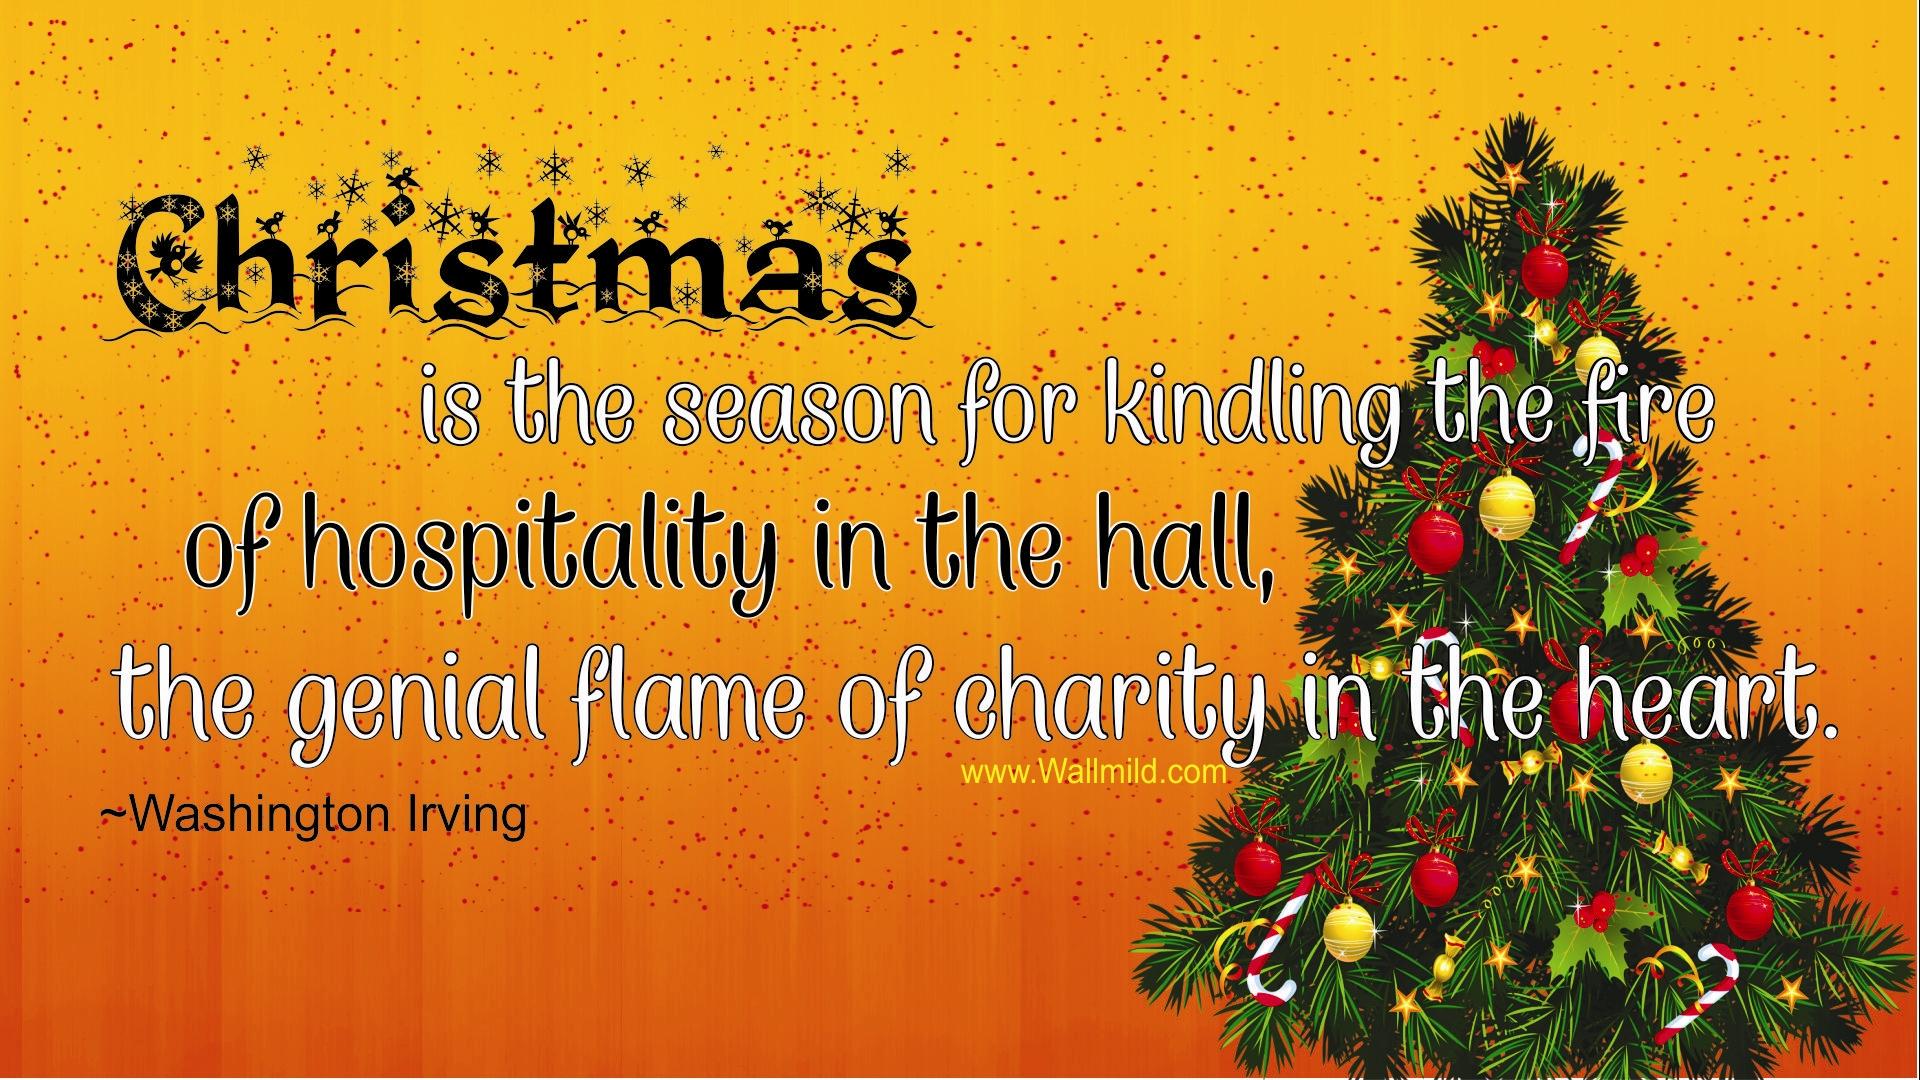 Christmas Quotes And Sayings: Holiday Season Quotes And Sayings. QuotesGram